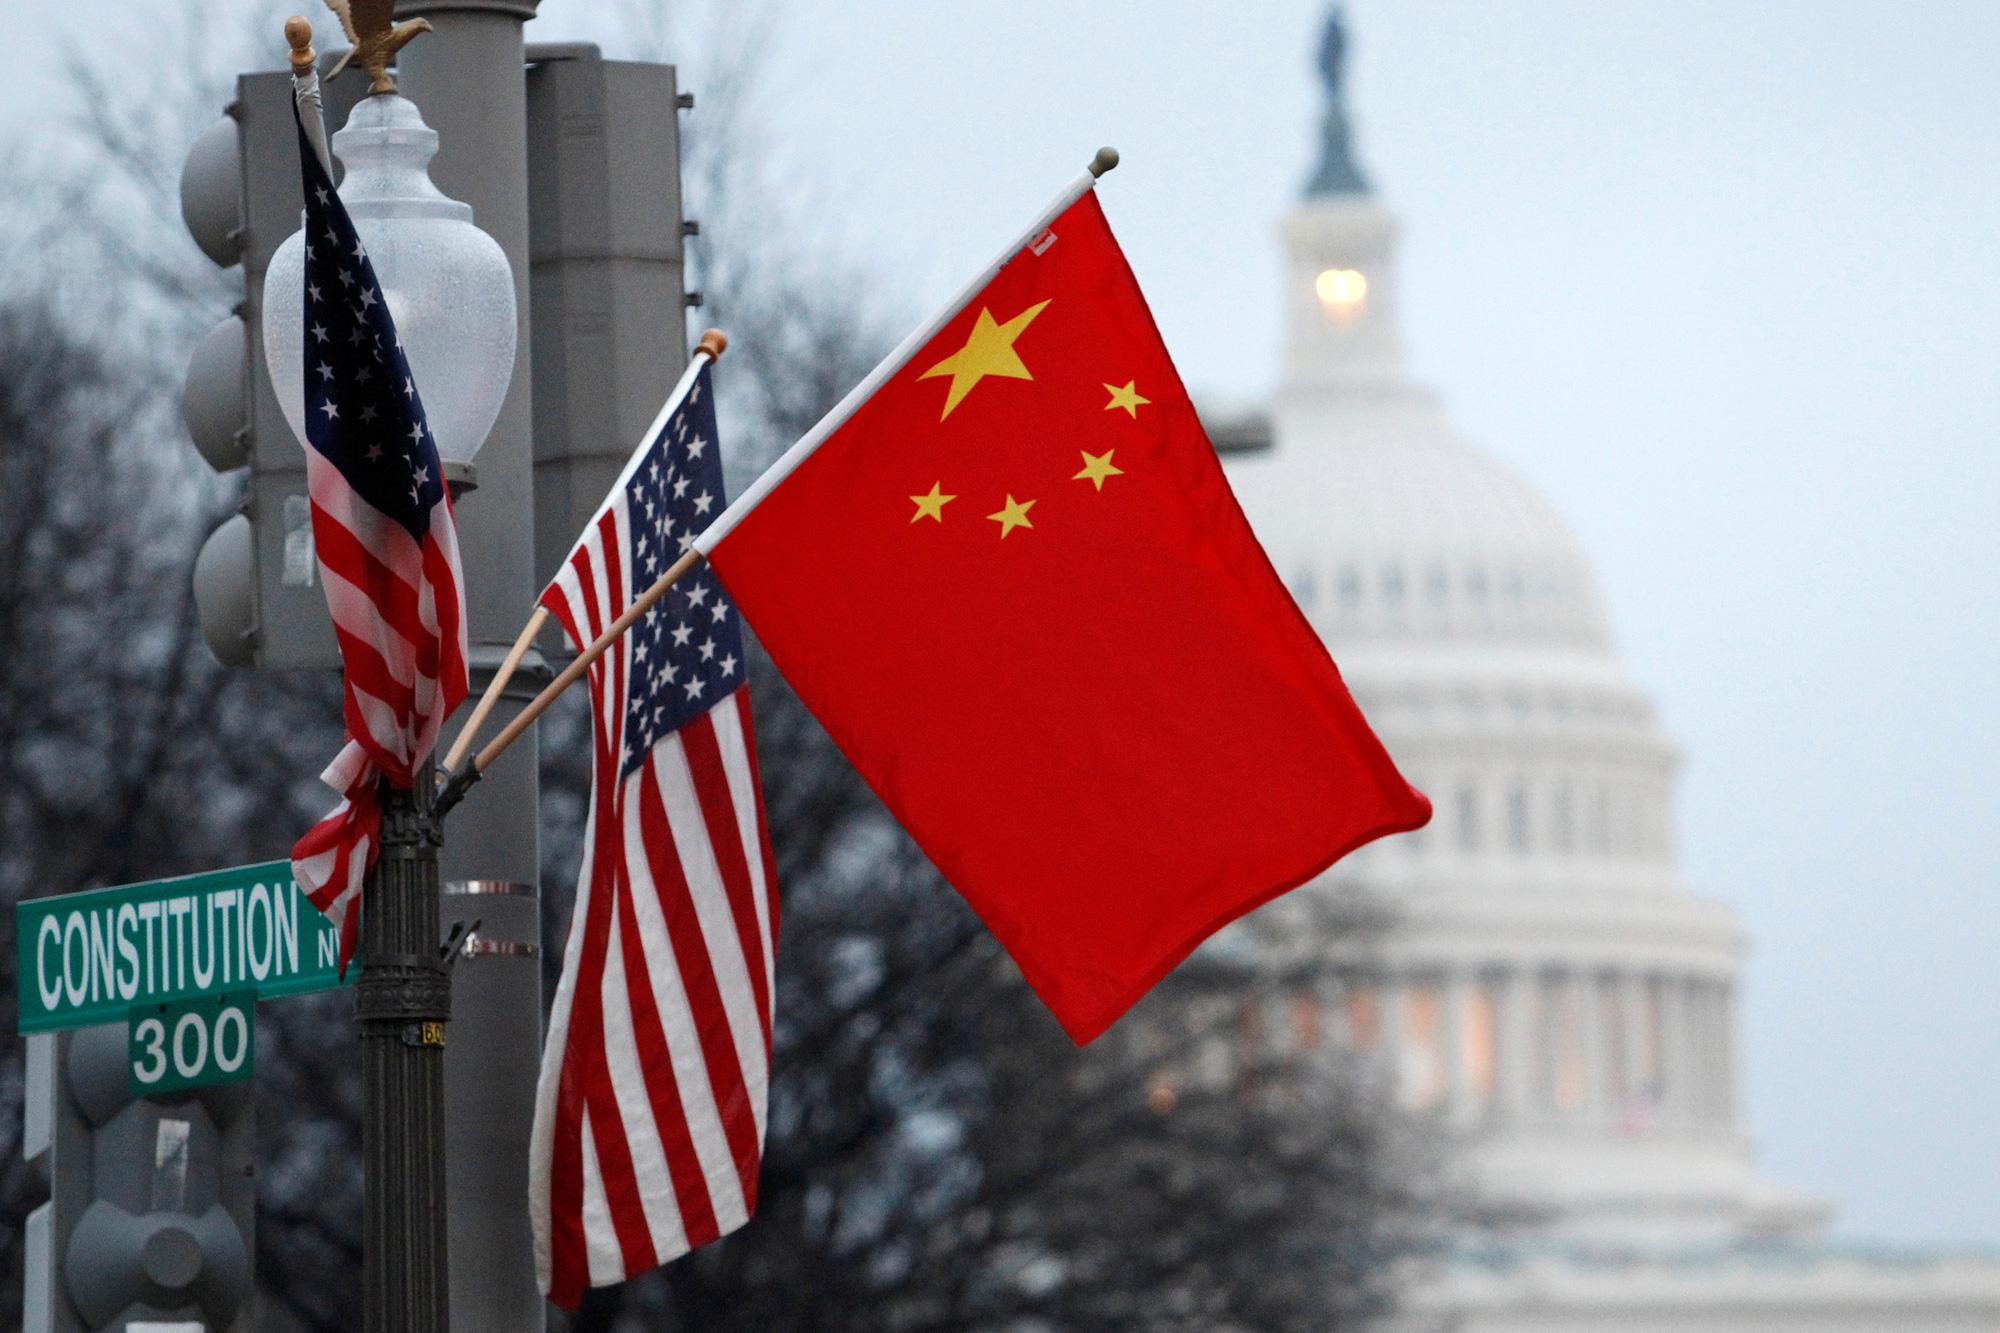 Chính quyền Biden liên tục đưa DN Trung Quốc vào danh sách đen, Bắc Kinh dọa trả đũa - Ảnh 1.